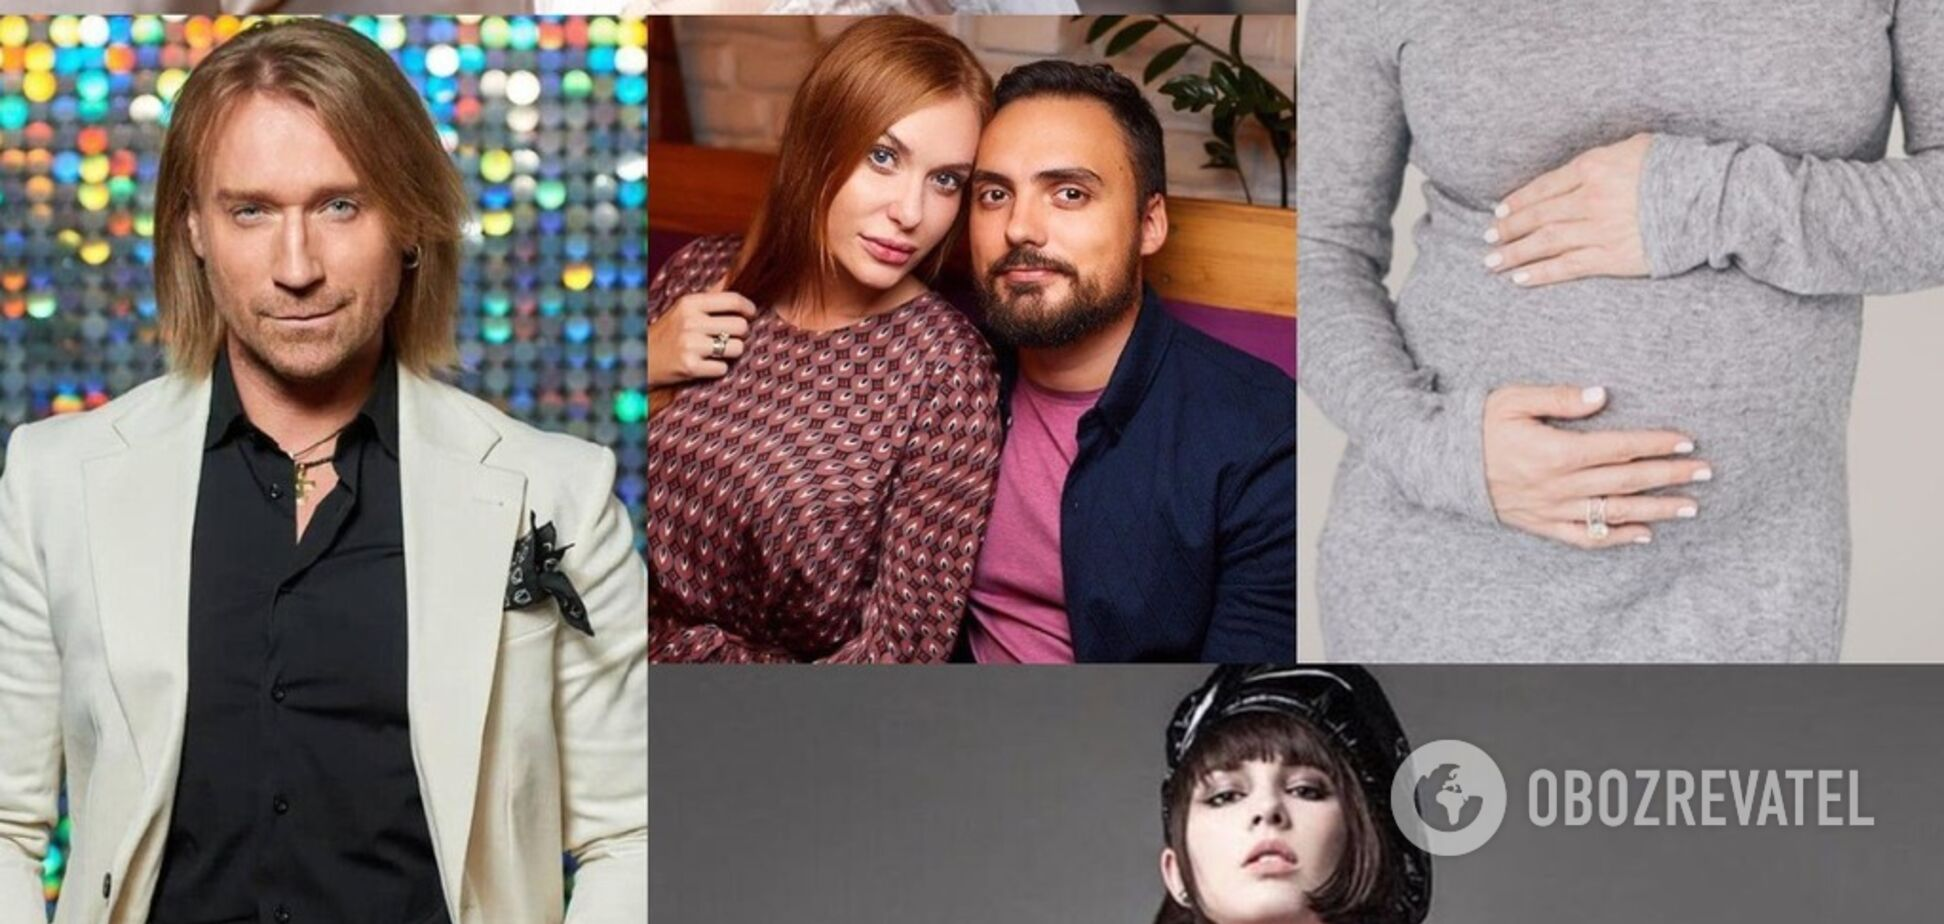 Громкие конфликты, разводы, неожиданные пары и музыкальные открытия: что творилось в украинском шоу-бизнесе в 2019 году